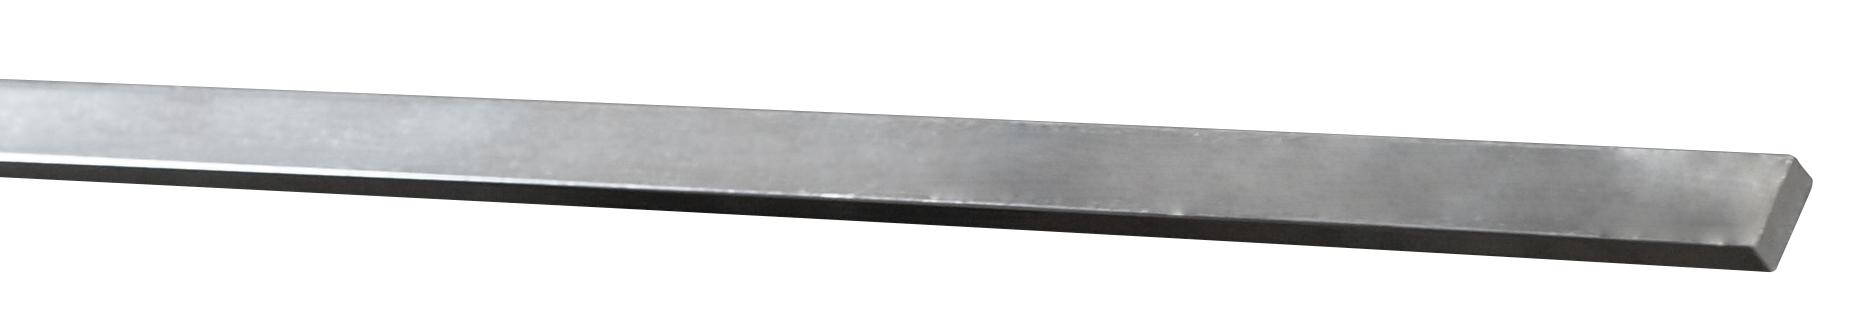 1 Stk Sammelschiene, 12x5, 200 A 2,40 m lang, verzinnt SI016180--